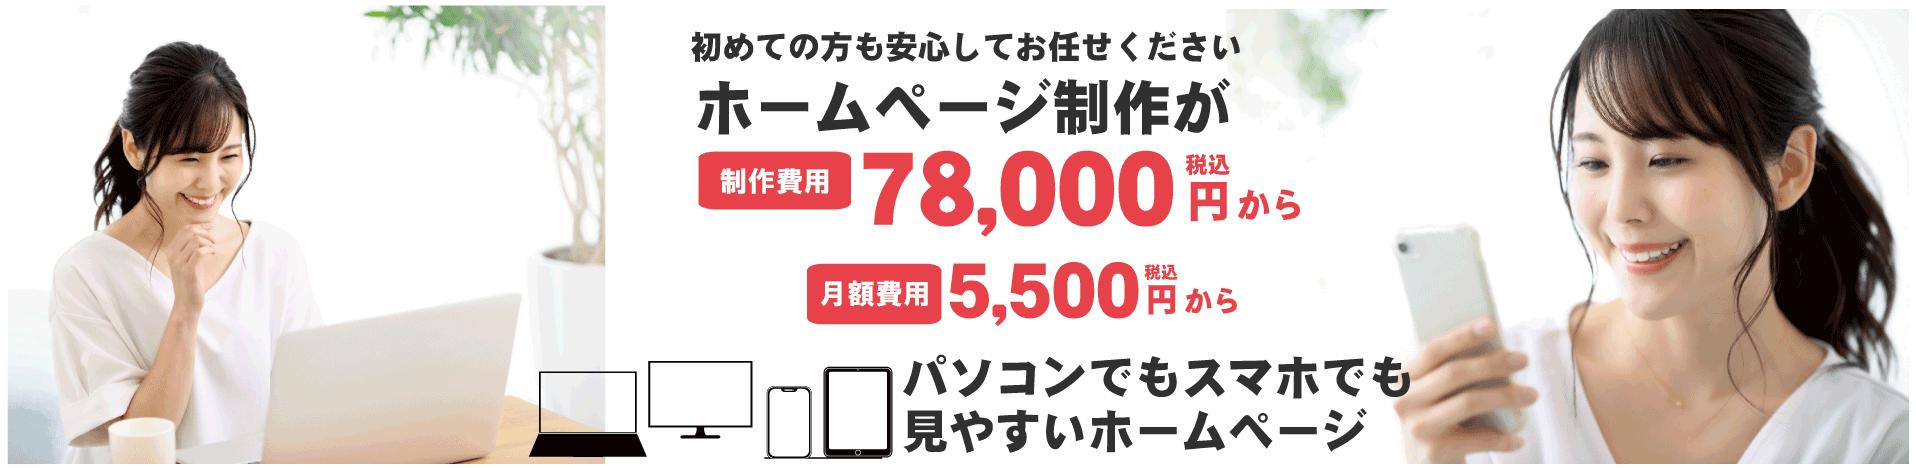 パソコン修理 京都 笑顔でパソコンを使えるようにします。